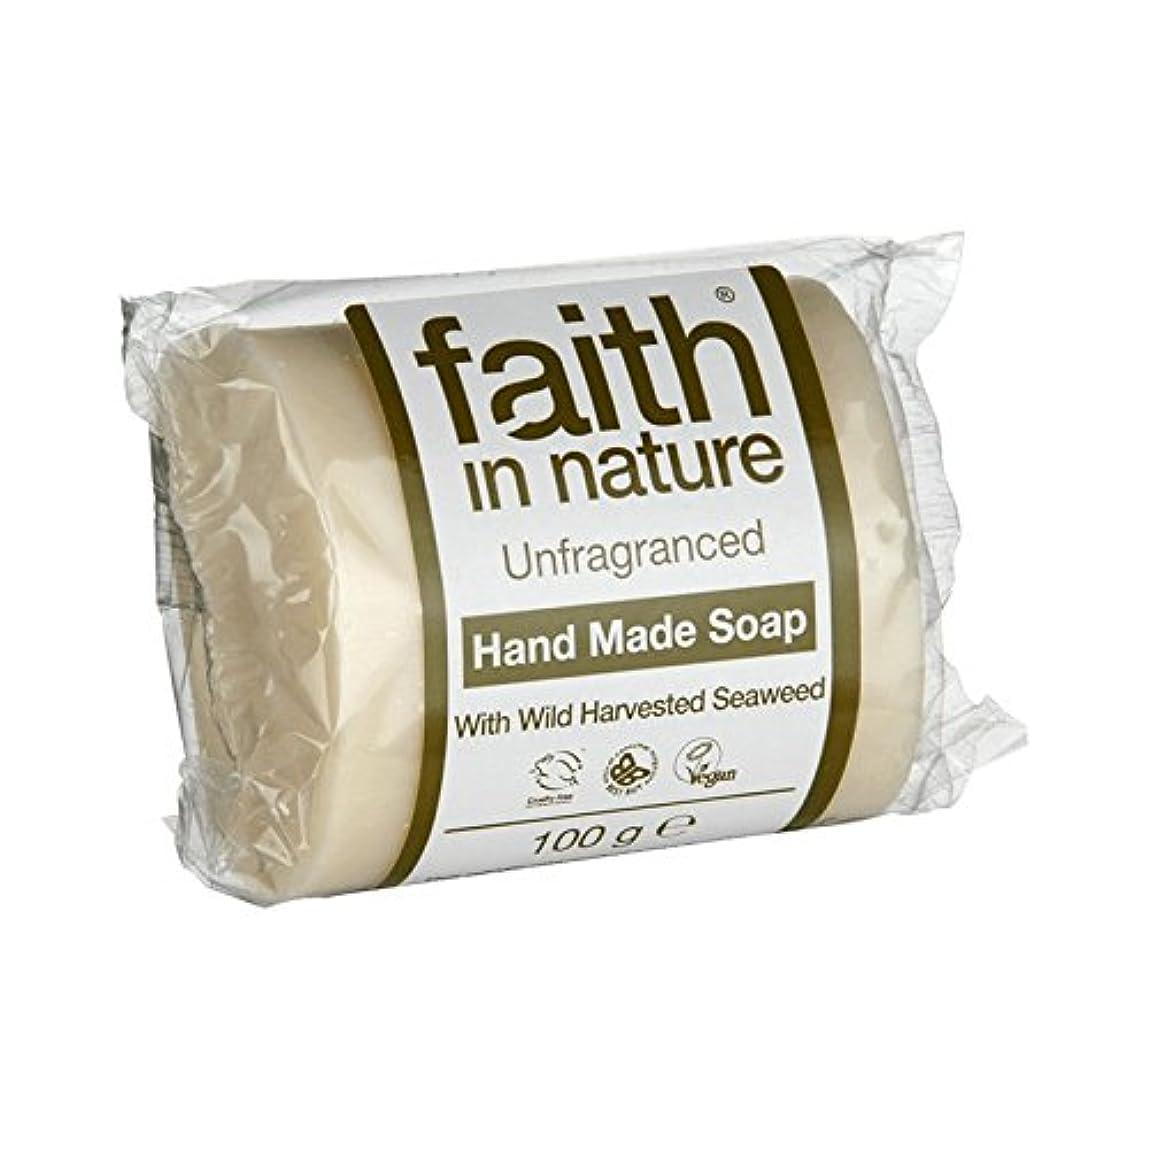 散る混合した武装解除Faith in Nature Unfragranced Seaweed Soap 100g (Pack of 2) - 自然無香料海藻石鹸100グラムの信仰 (x2) [並行輸入品]